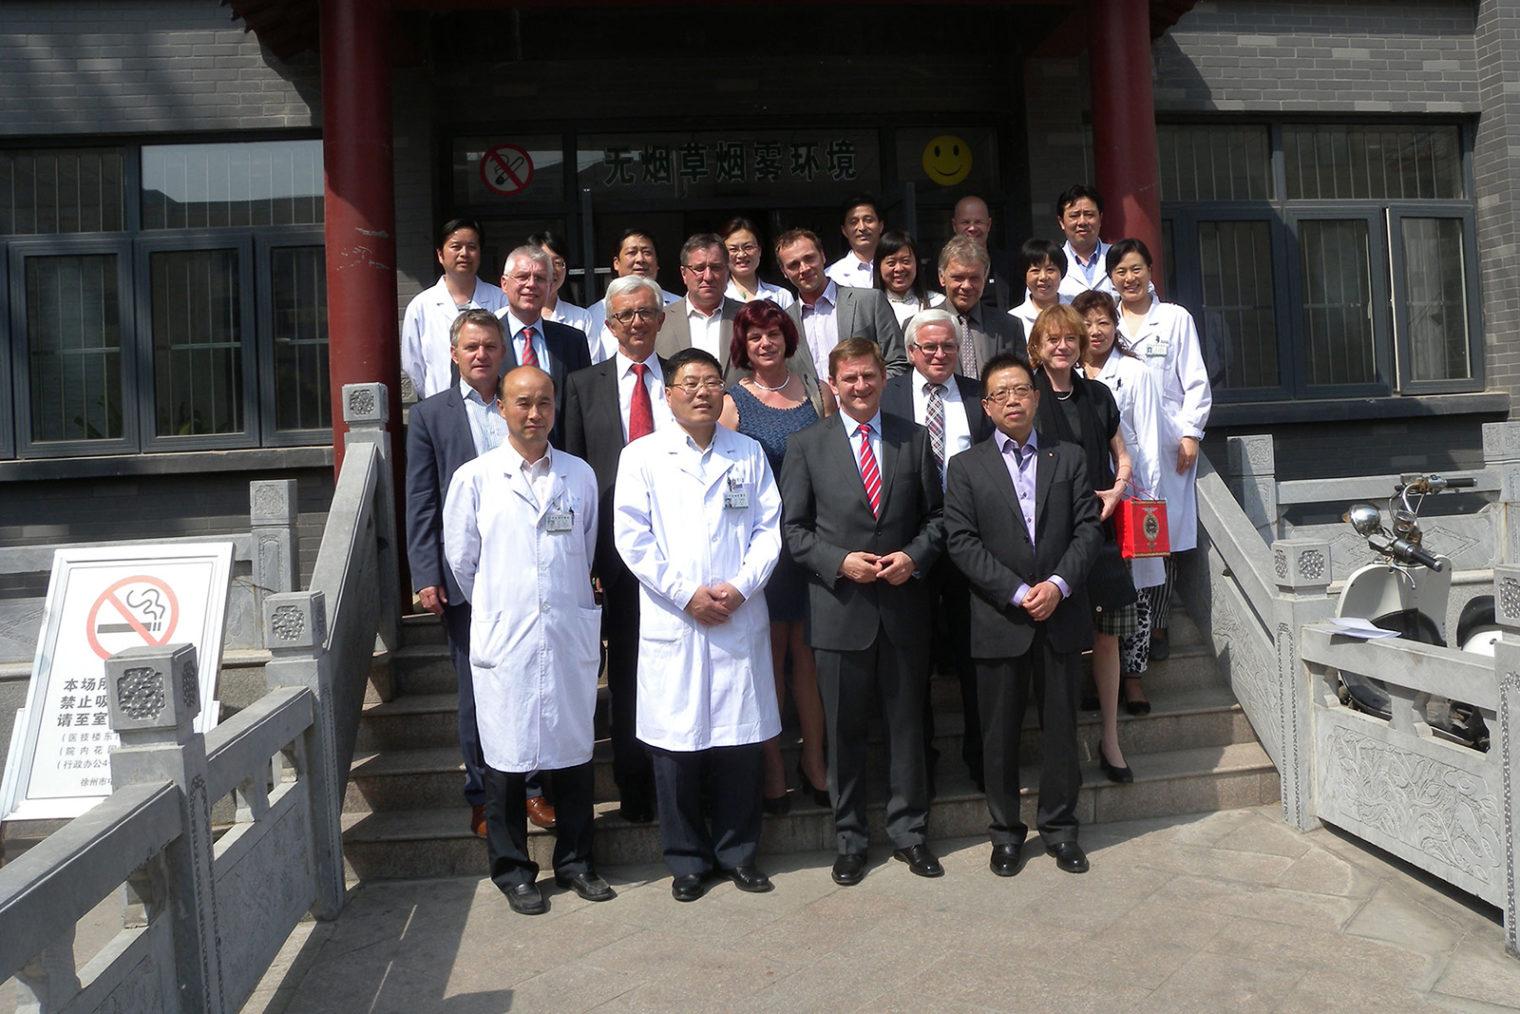 Leobener Delegation in China 2014